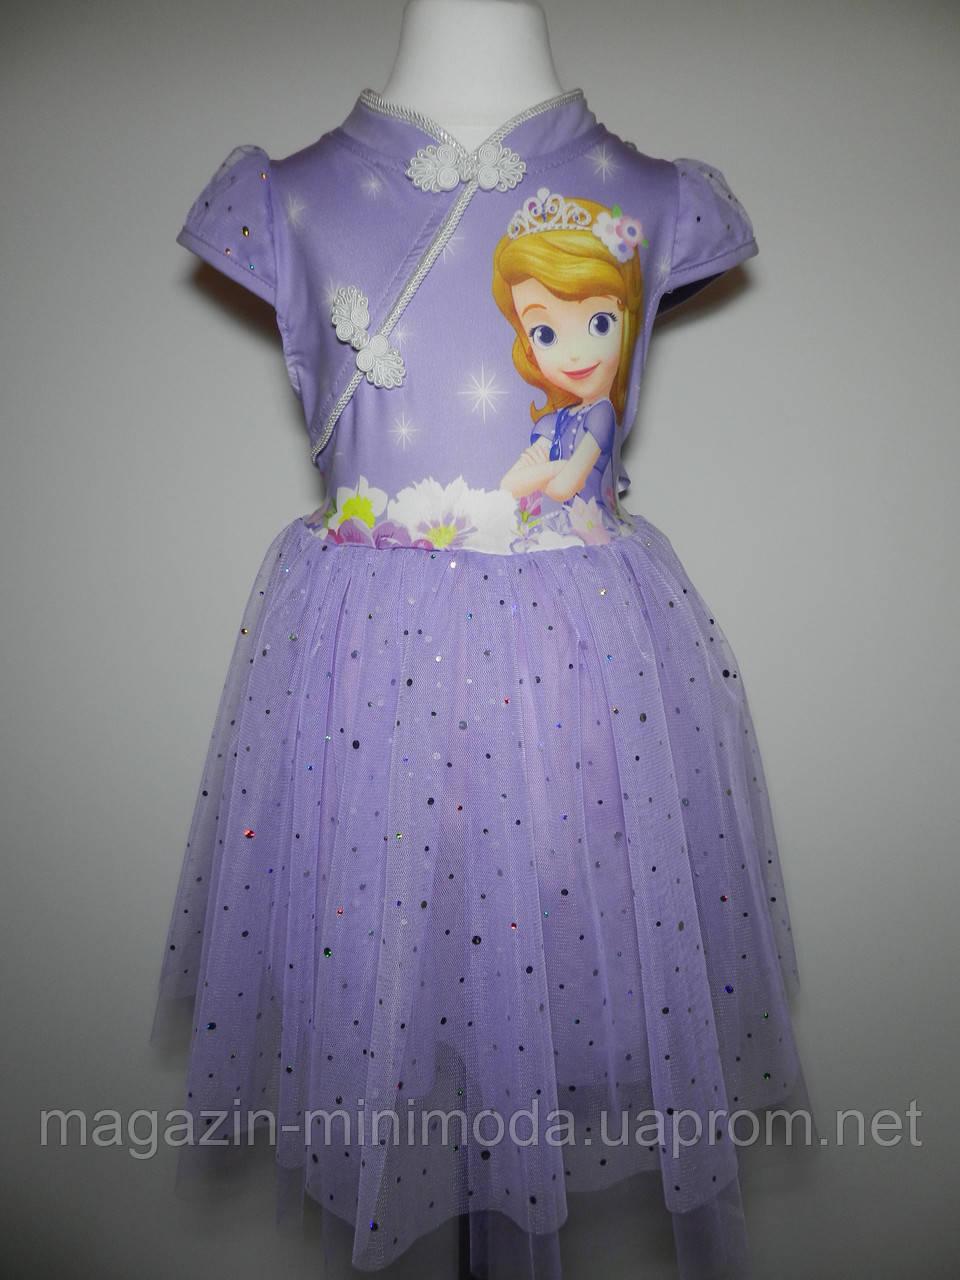 7bea2f58 Детское сиреневое платье София Прекрасная, с короной и волшебной палочкой,  ...